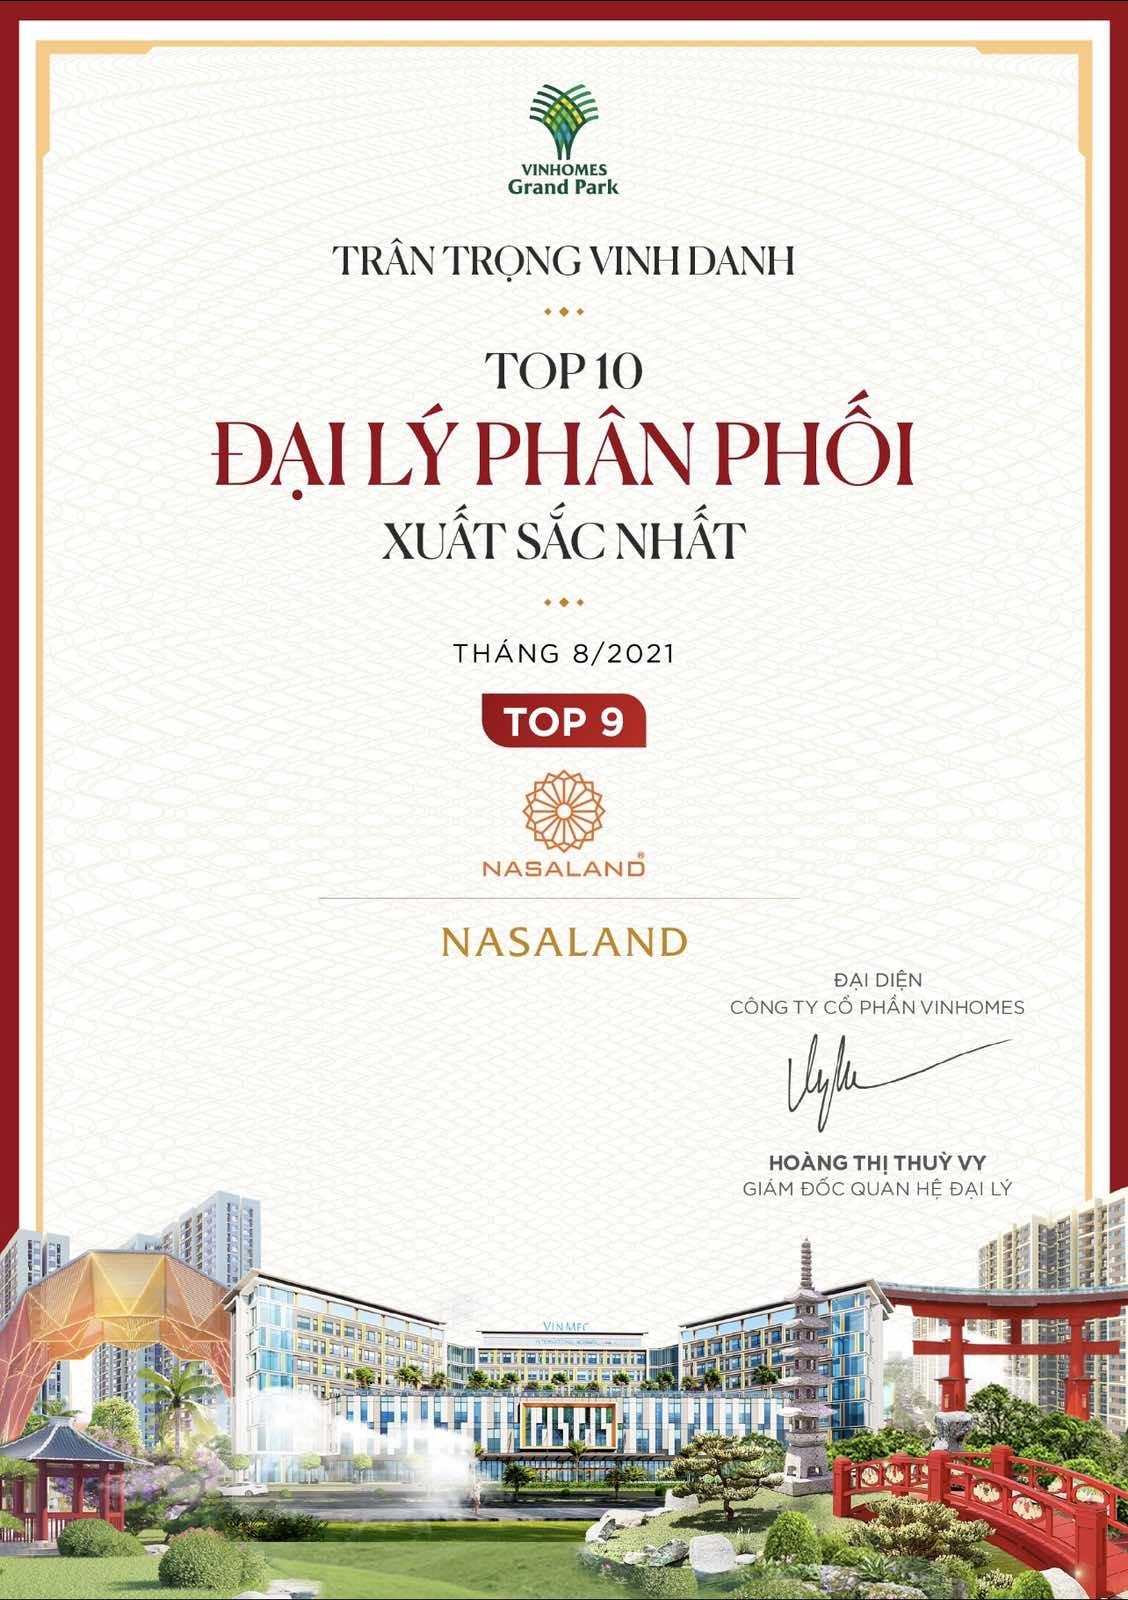 Nasaland đạt top 9 đại lý phân phối vinhomes